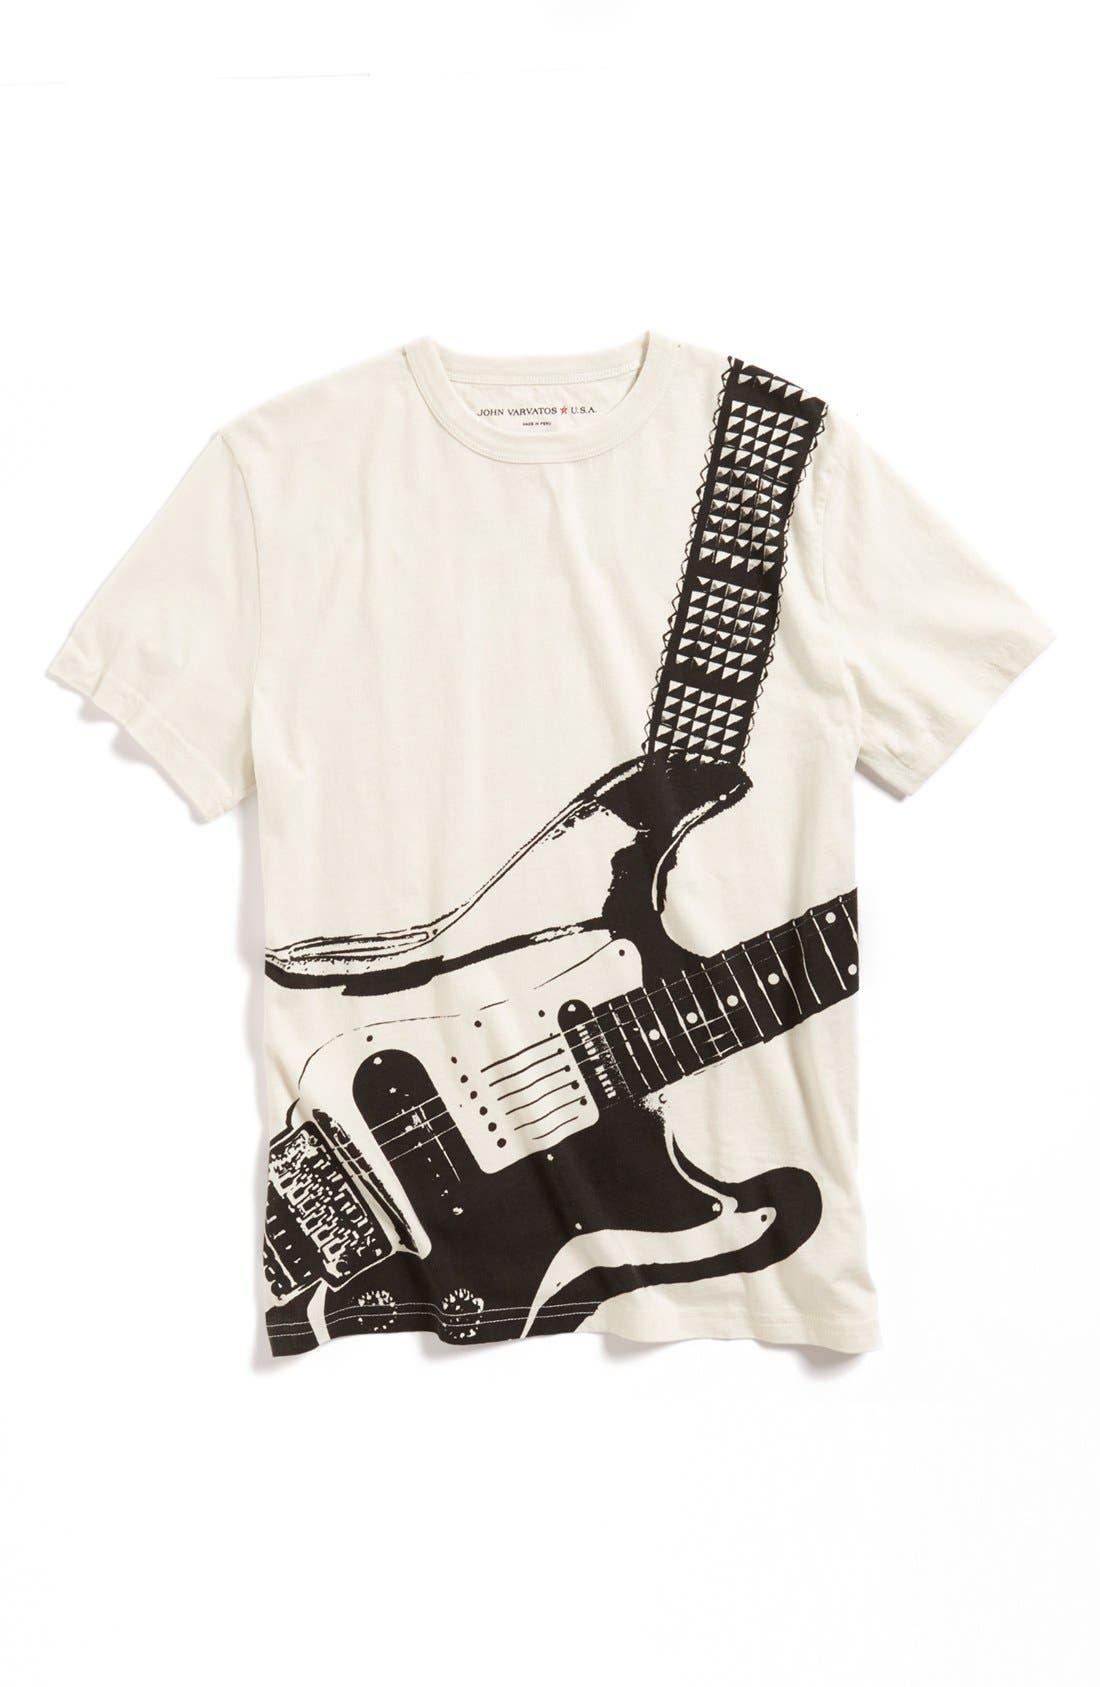 Main Image - John Varvatos Star USA 'Guitar' T-Shirt (Boys)